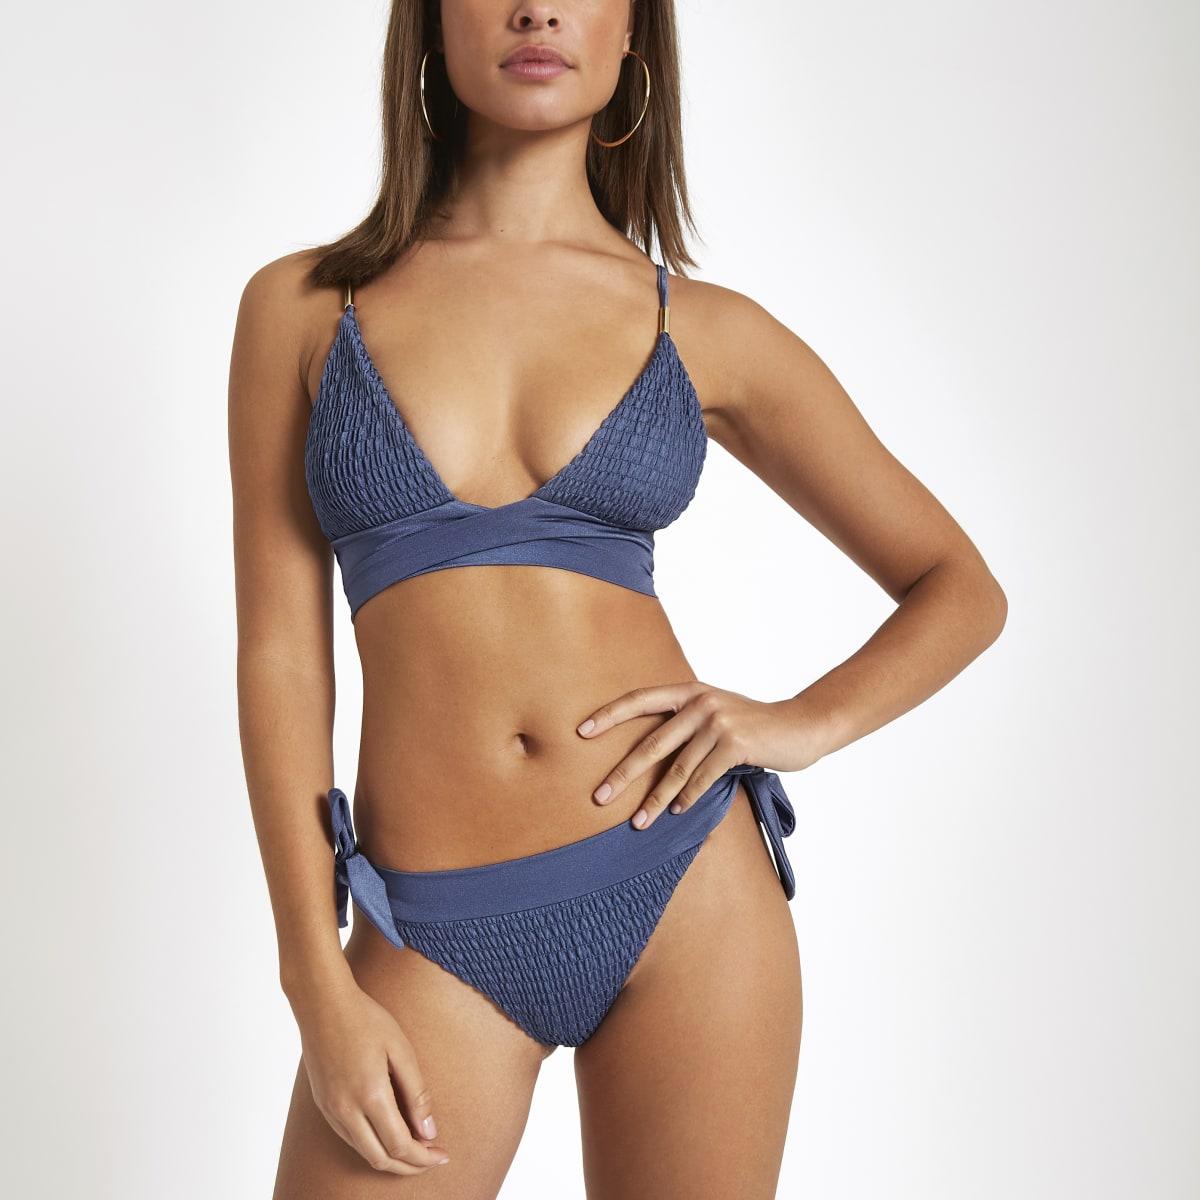 Blue shirred bikini bottoms